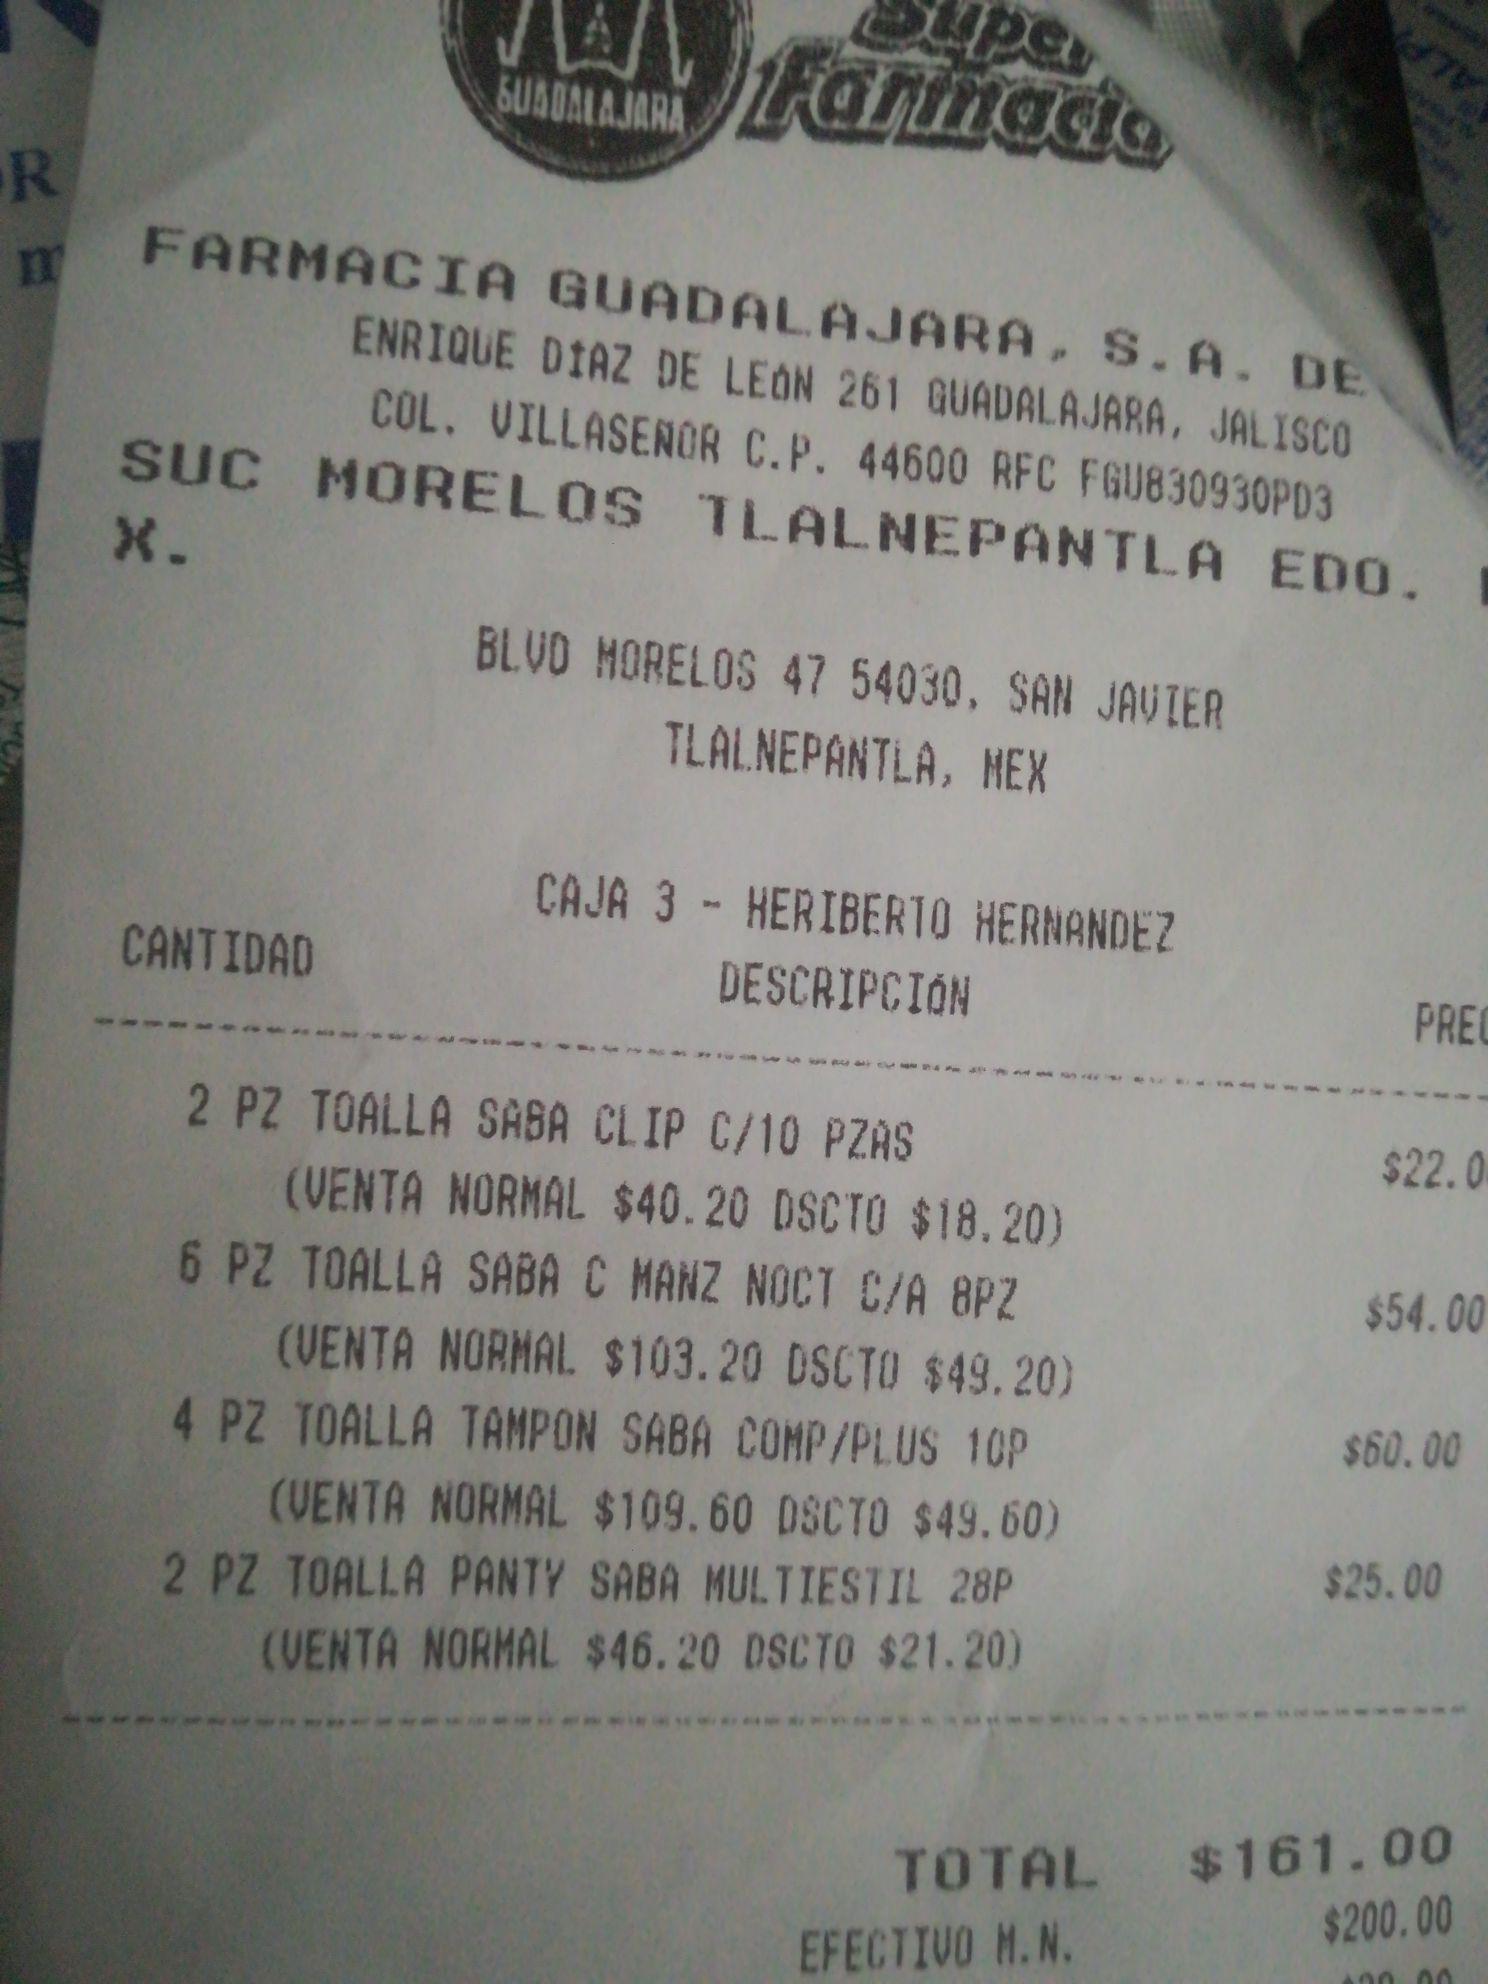 Farmacias Guadalajara: 45% de descuento en SABA